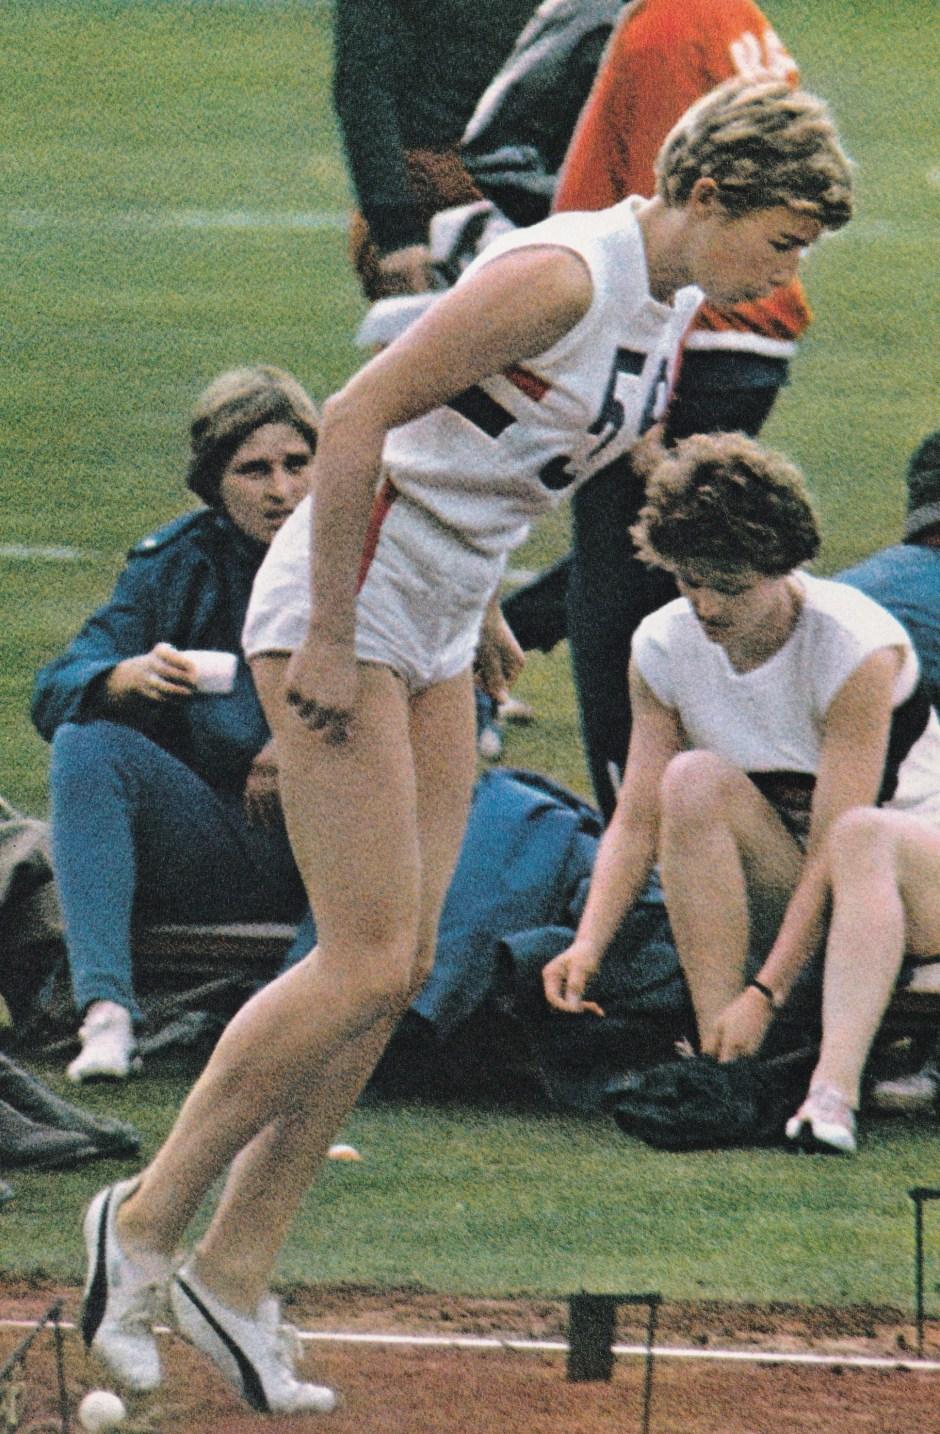 mary-rand-2_-xviii-olympiad-tokyo-1964-asahi-shimbun